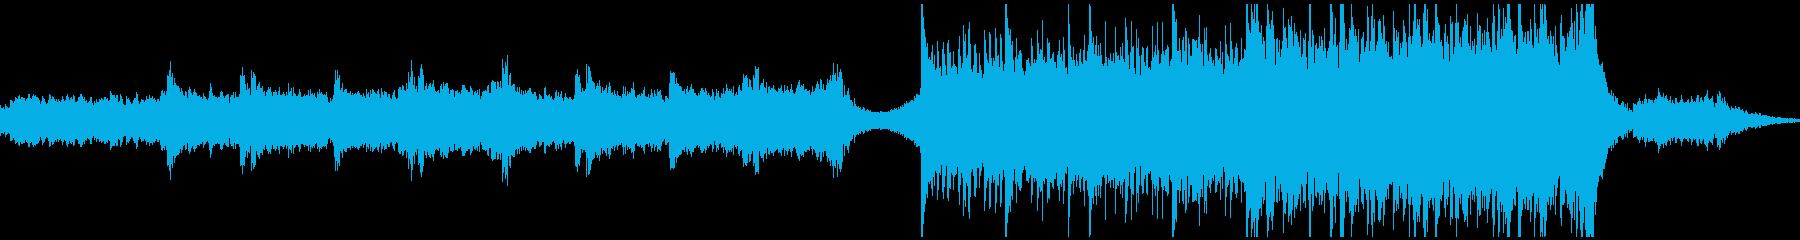 クラシック交響曲 感情的 バラード...の再生済みの波形